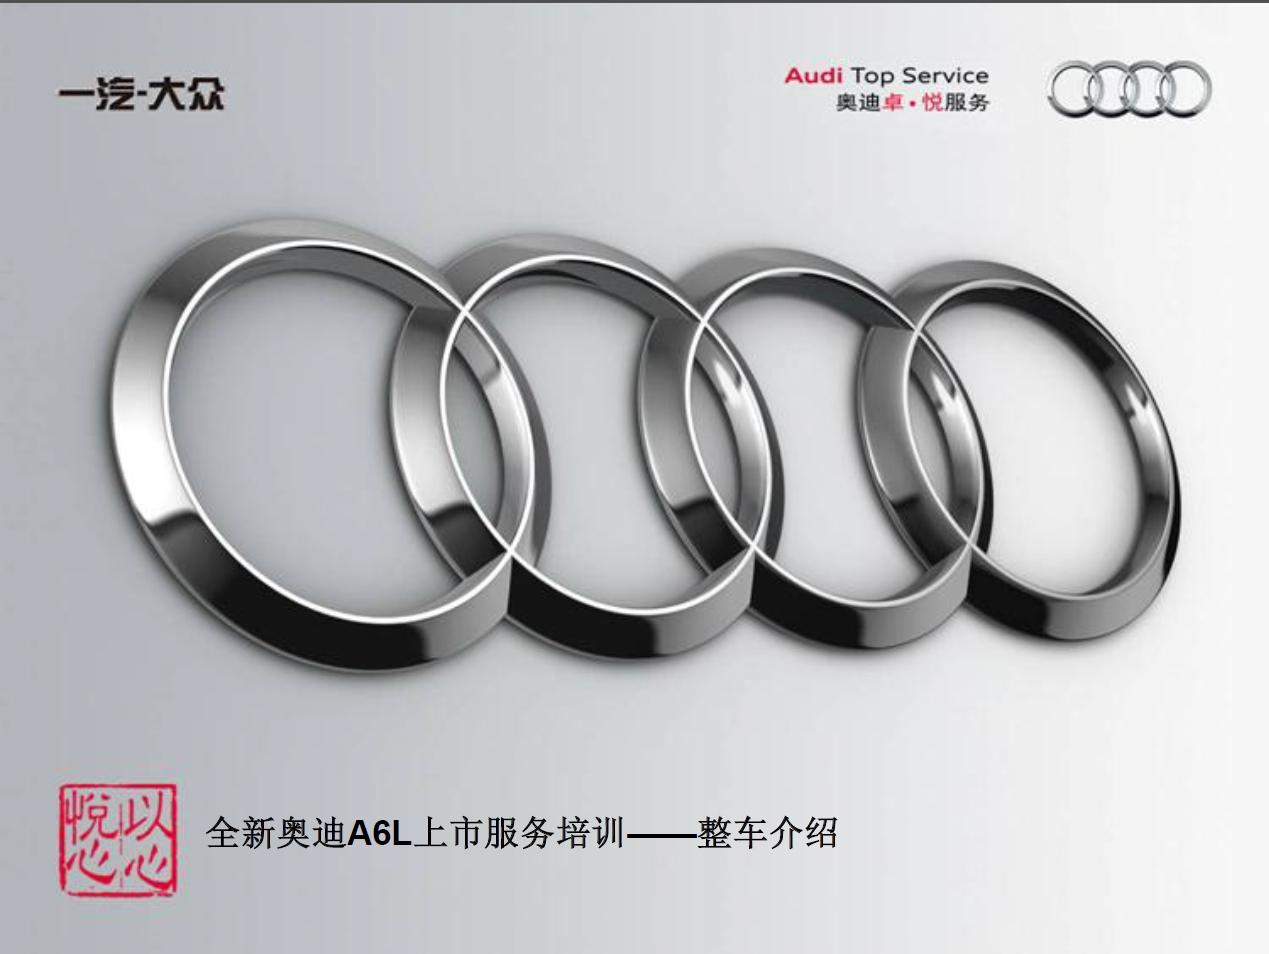 2012全新奥迪A6L C7 新车培训整车介绍